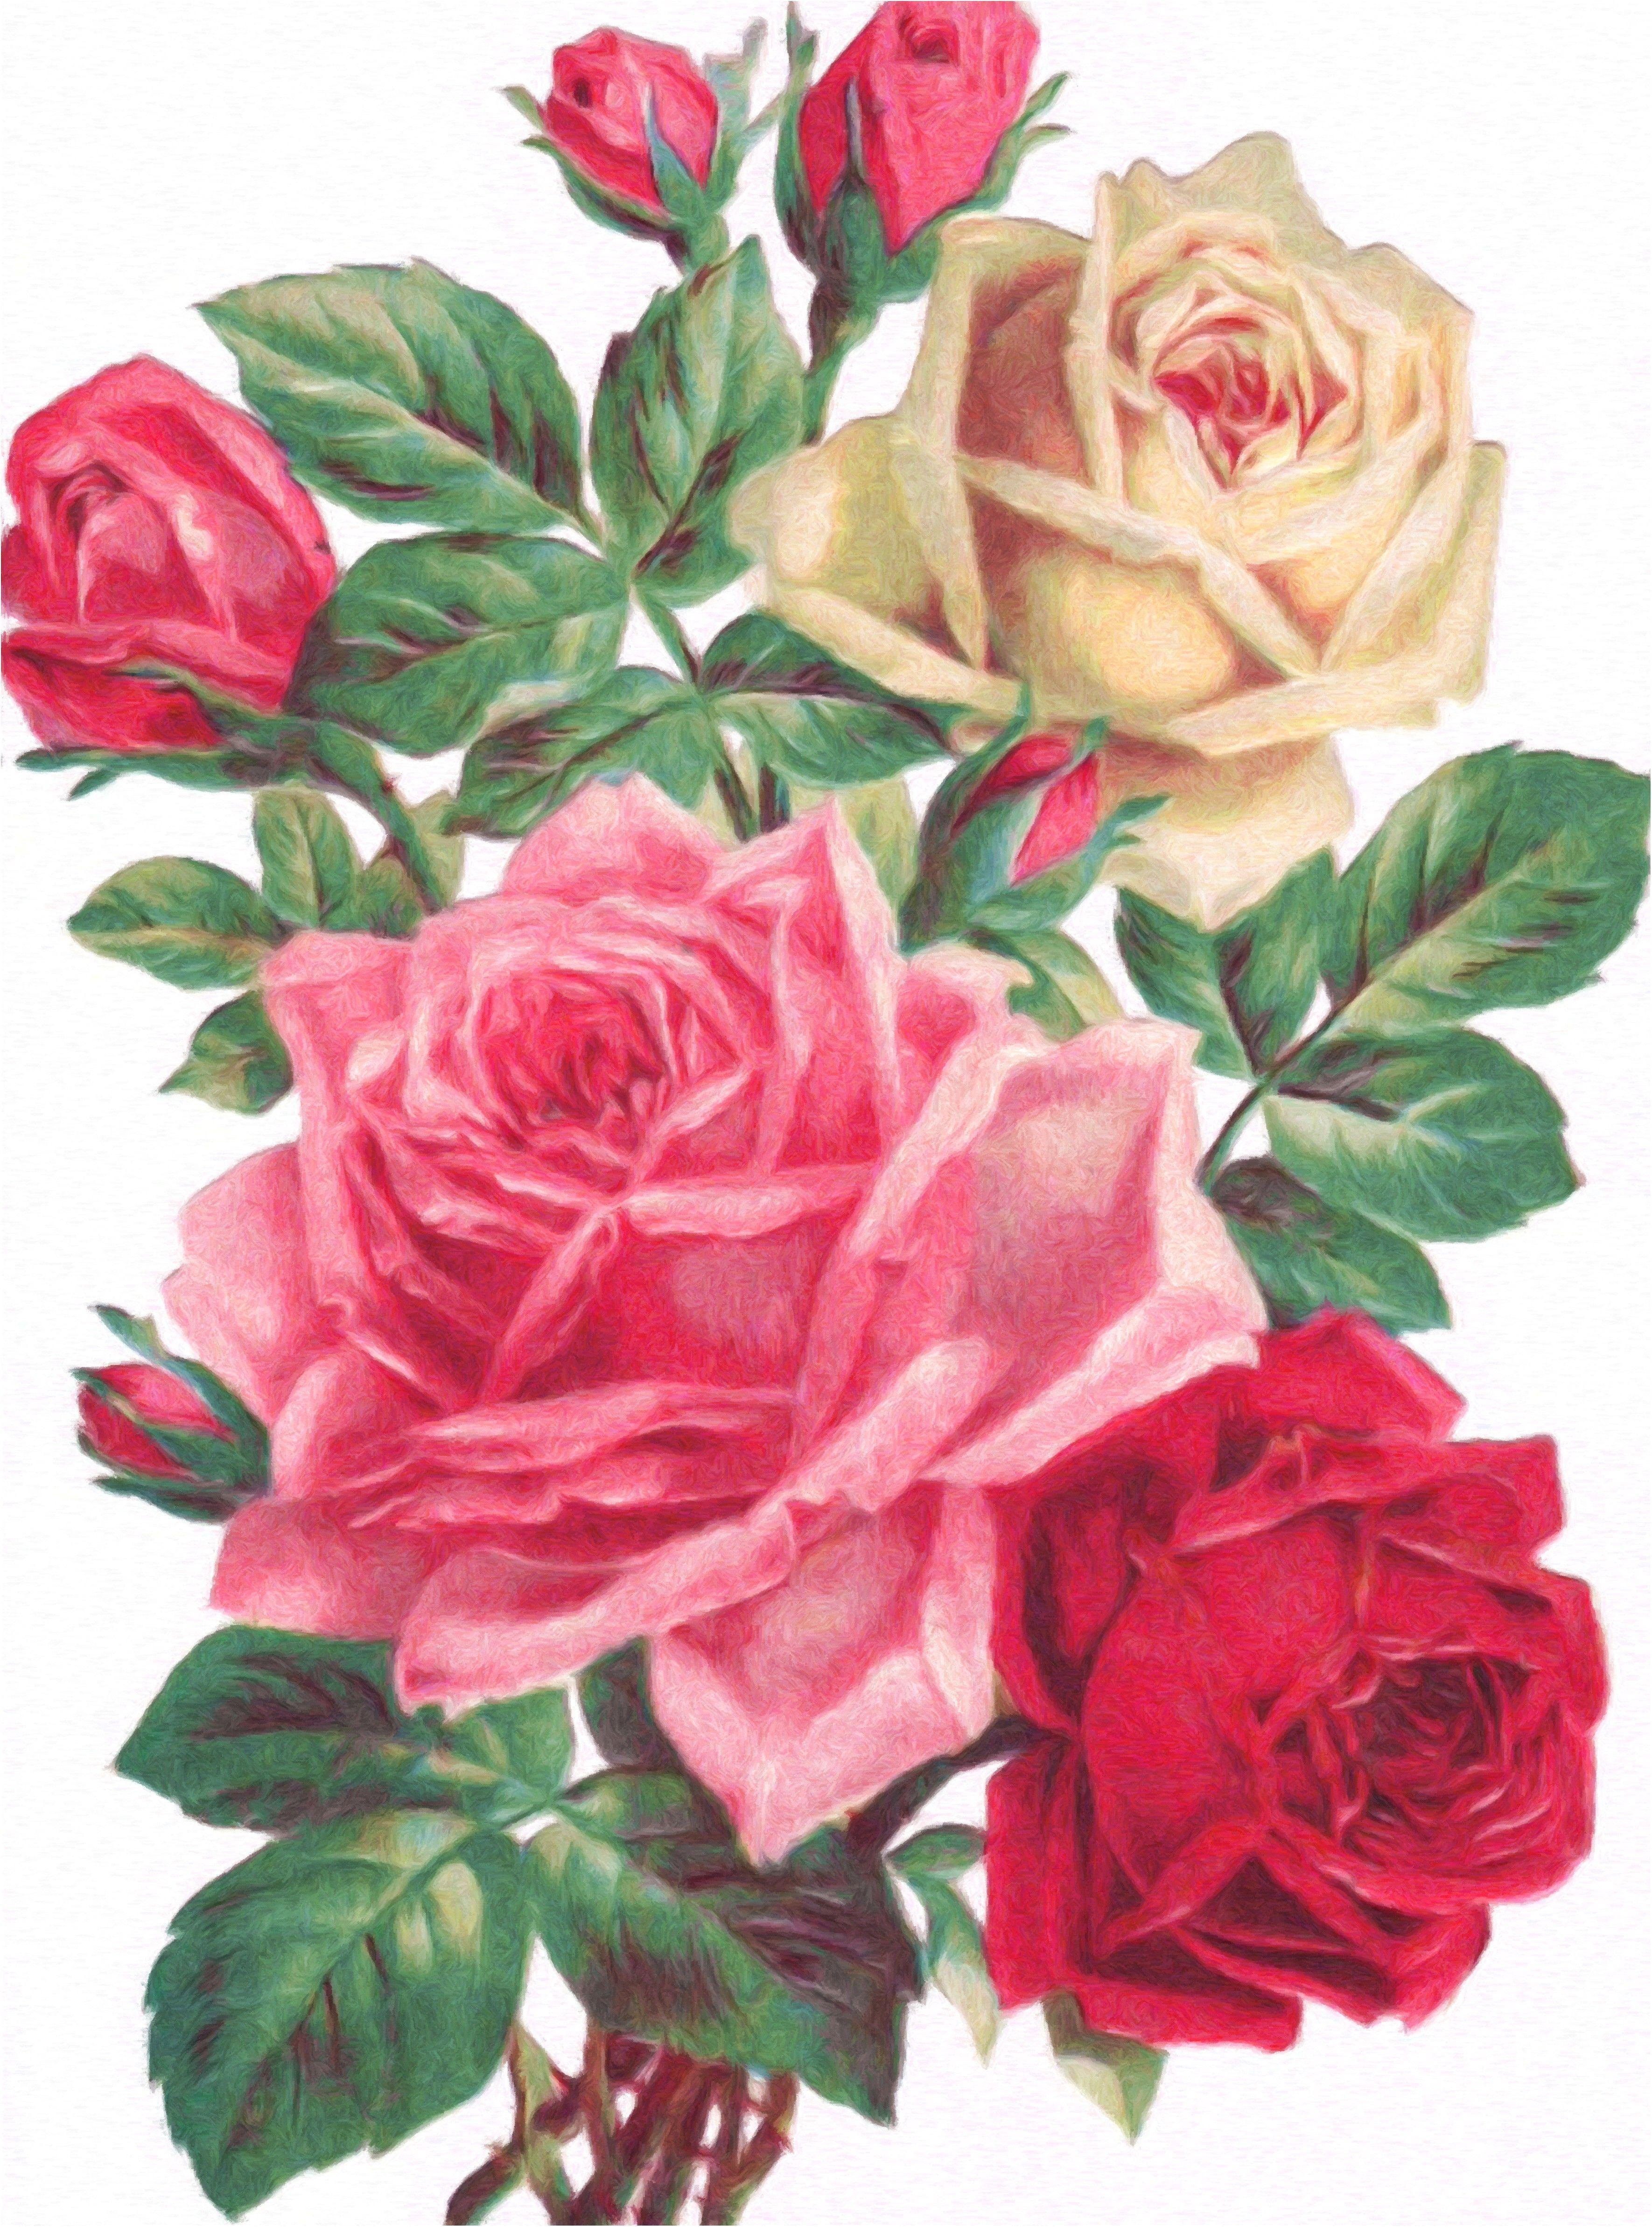 Рисованные картинки розы